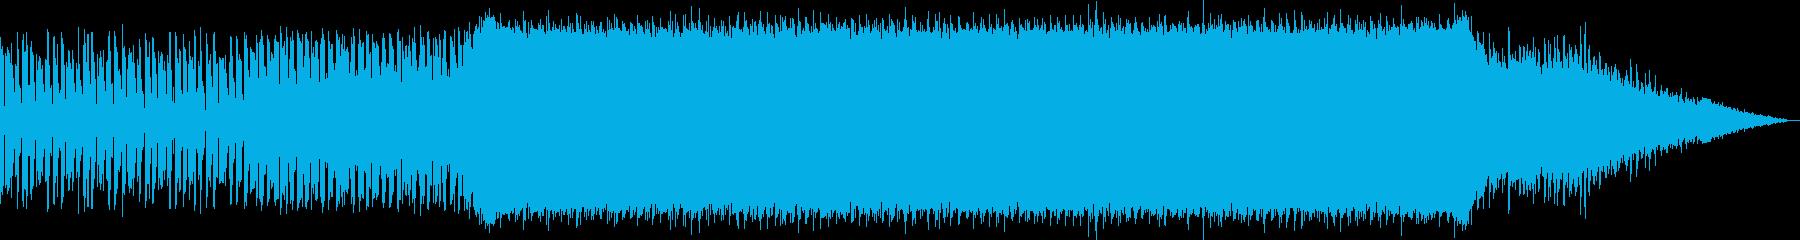 始まりを予感させるエレクトロミュージックの再生済みの波形